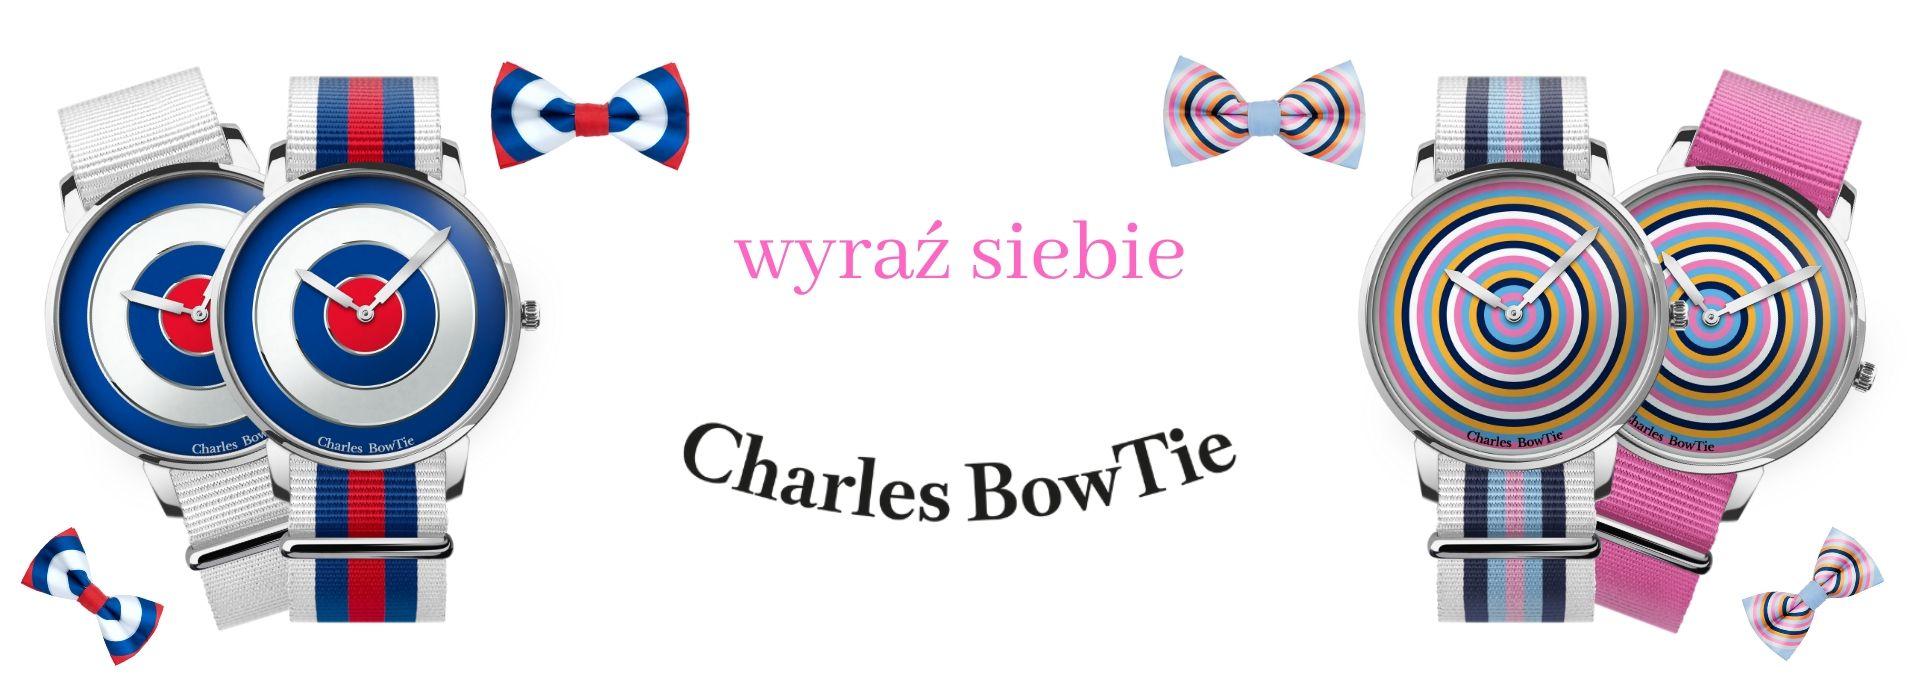 kolorowe zegarki Charles BowTie